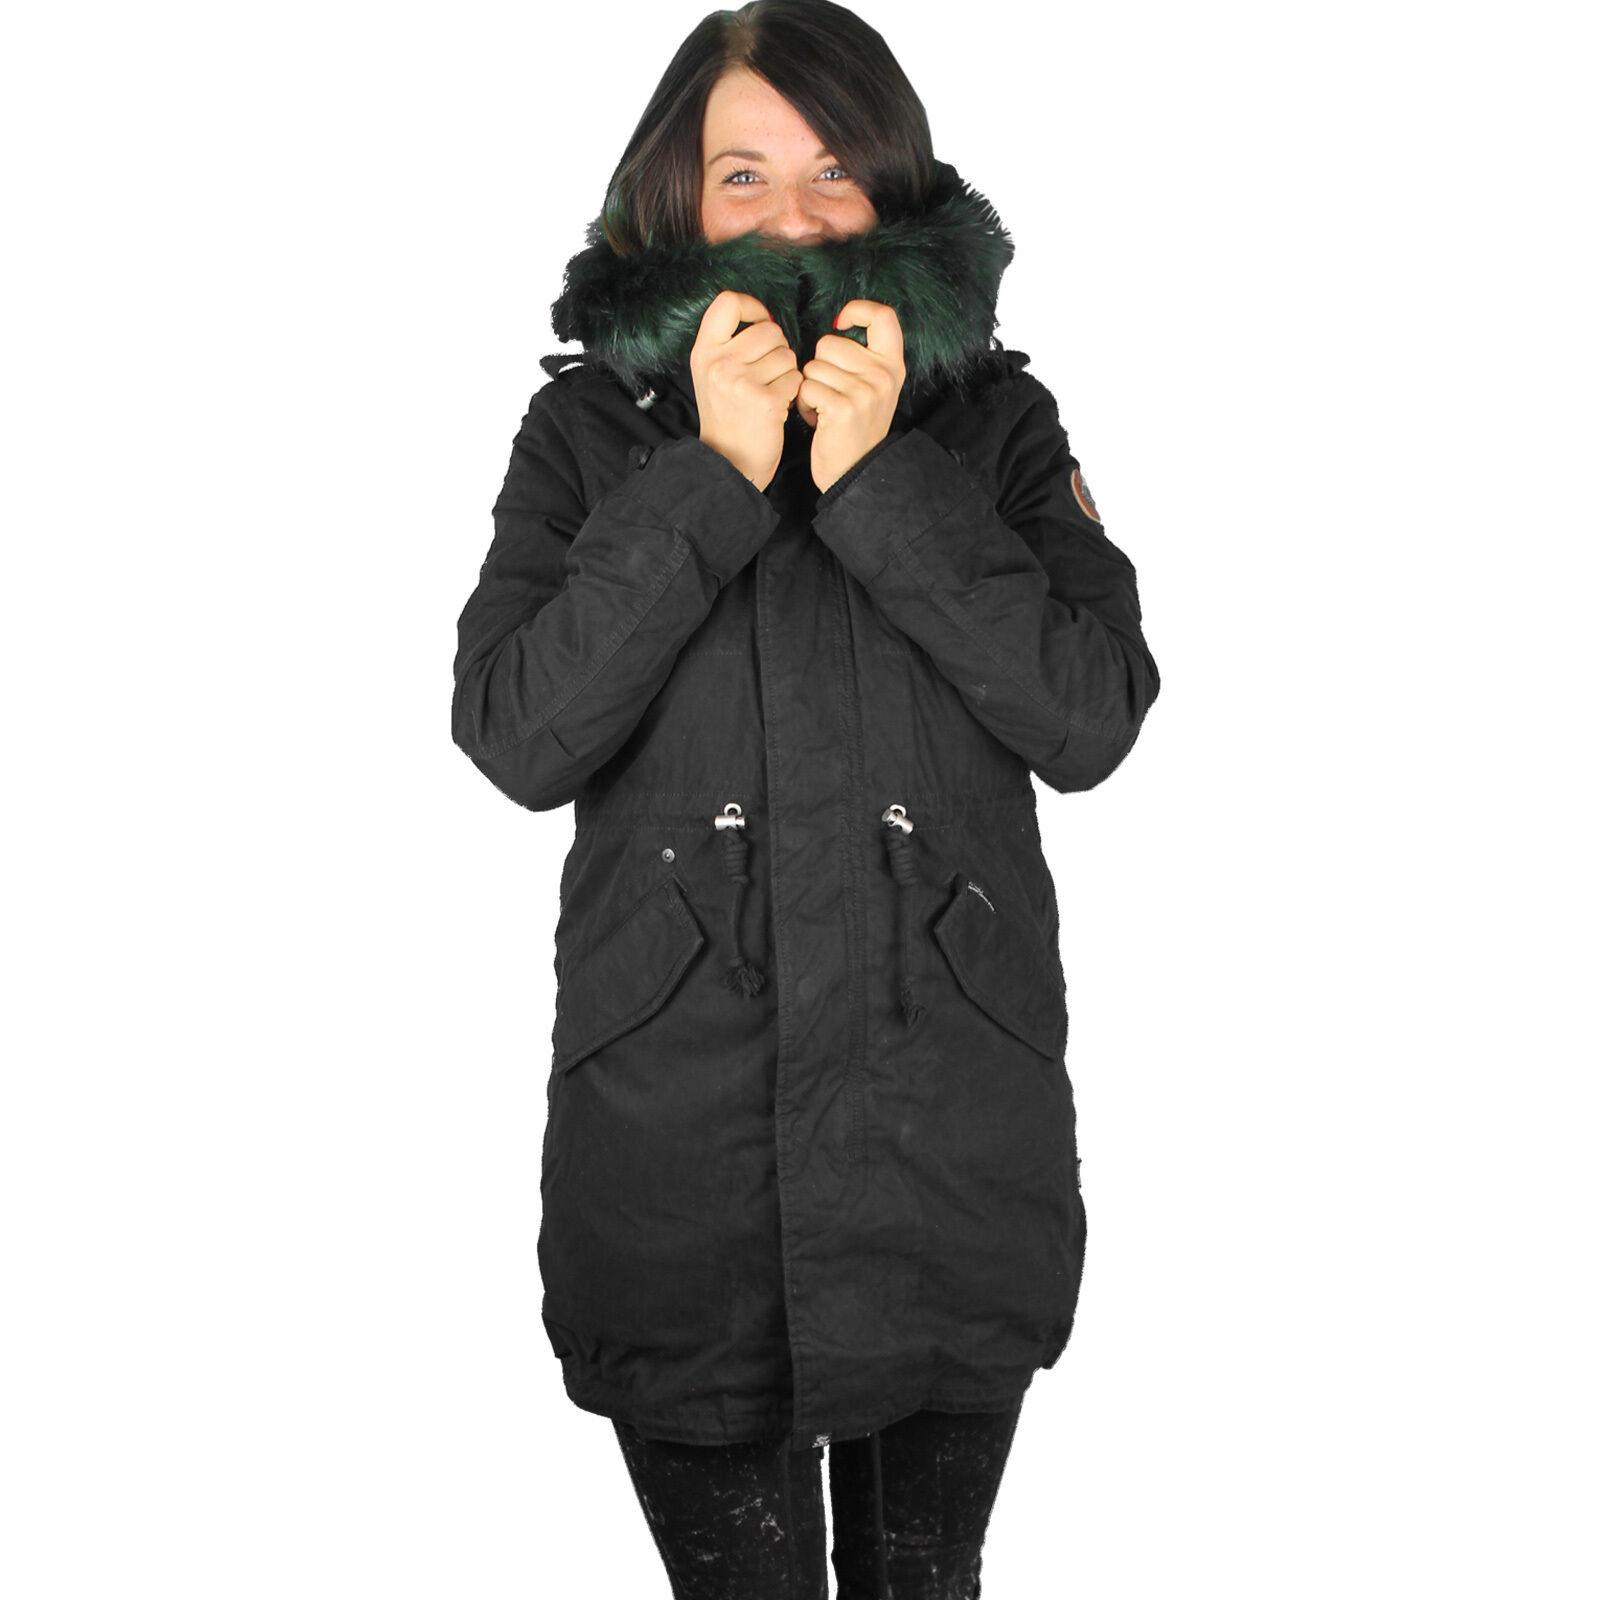 Khujo Methone con chaqueta interior para mujer Abrigo de invierno para mujer